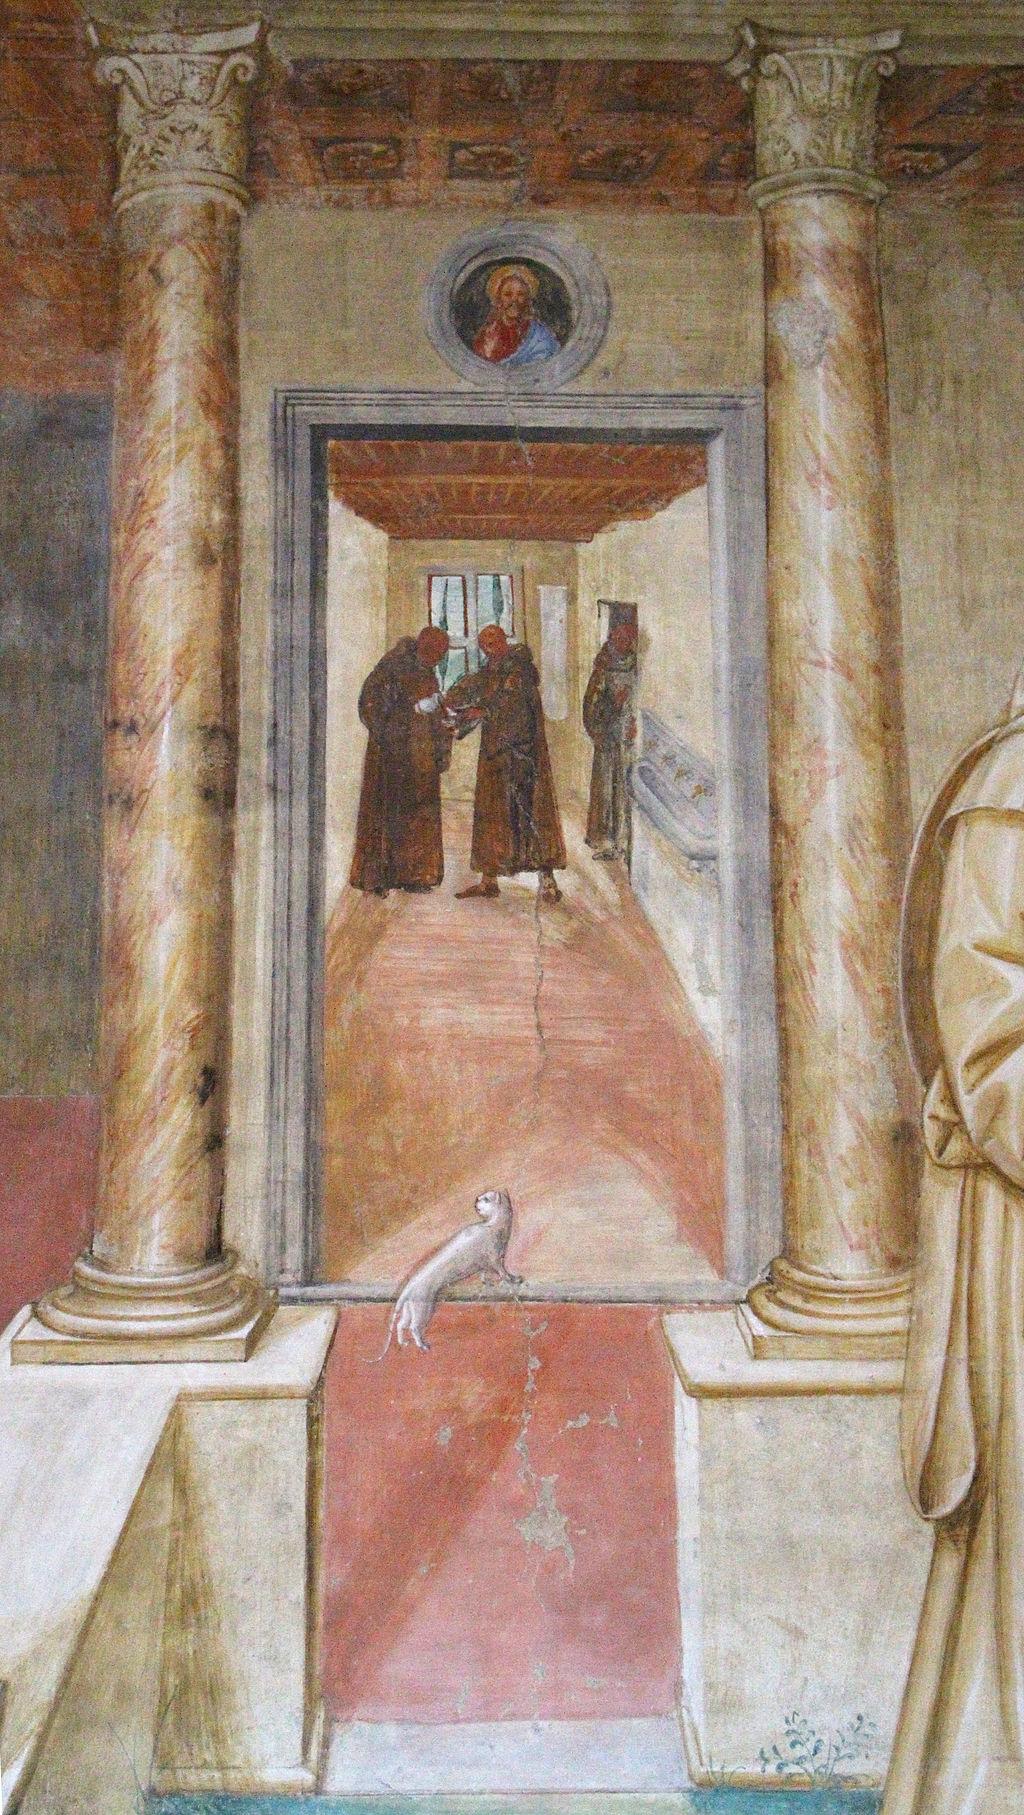 Storie di s. benedetto, 10 sodoma - Come Benedetto spezza col segno della croce uno bicchiere avvelenato 03